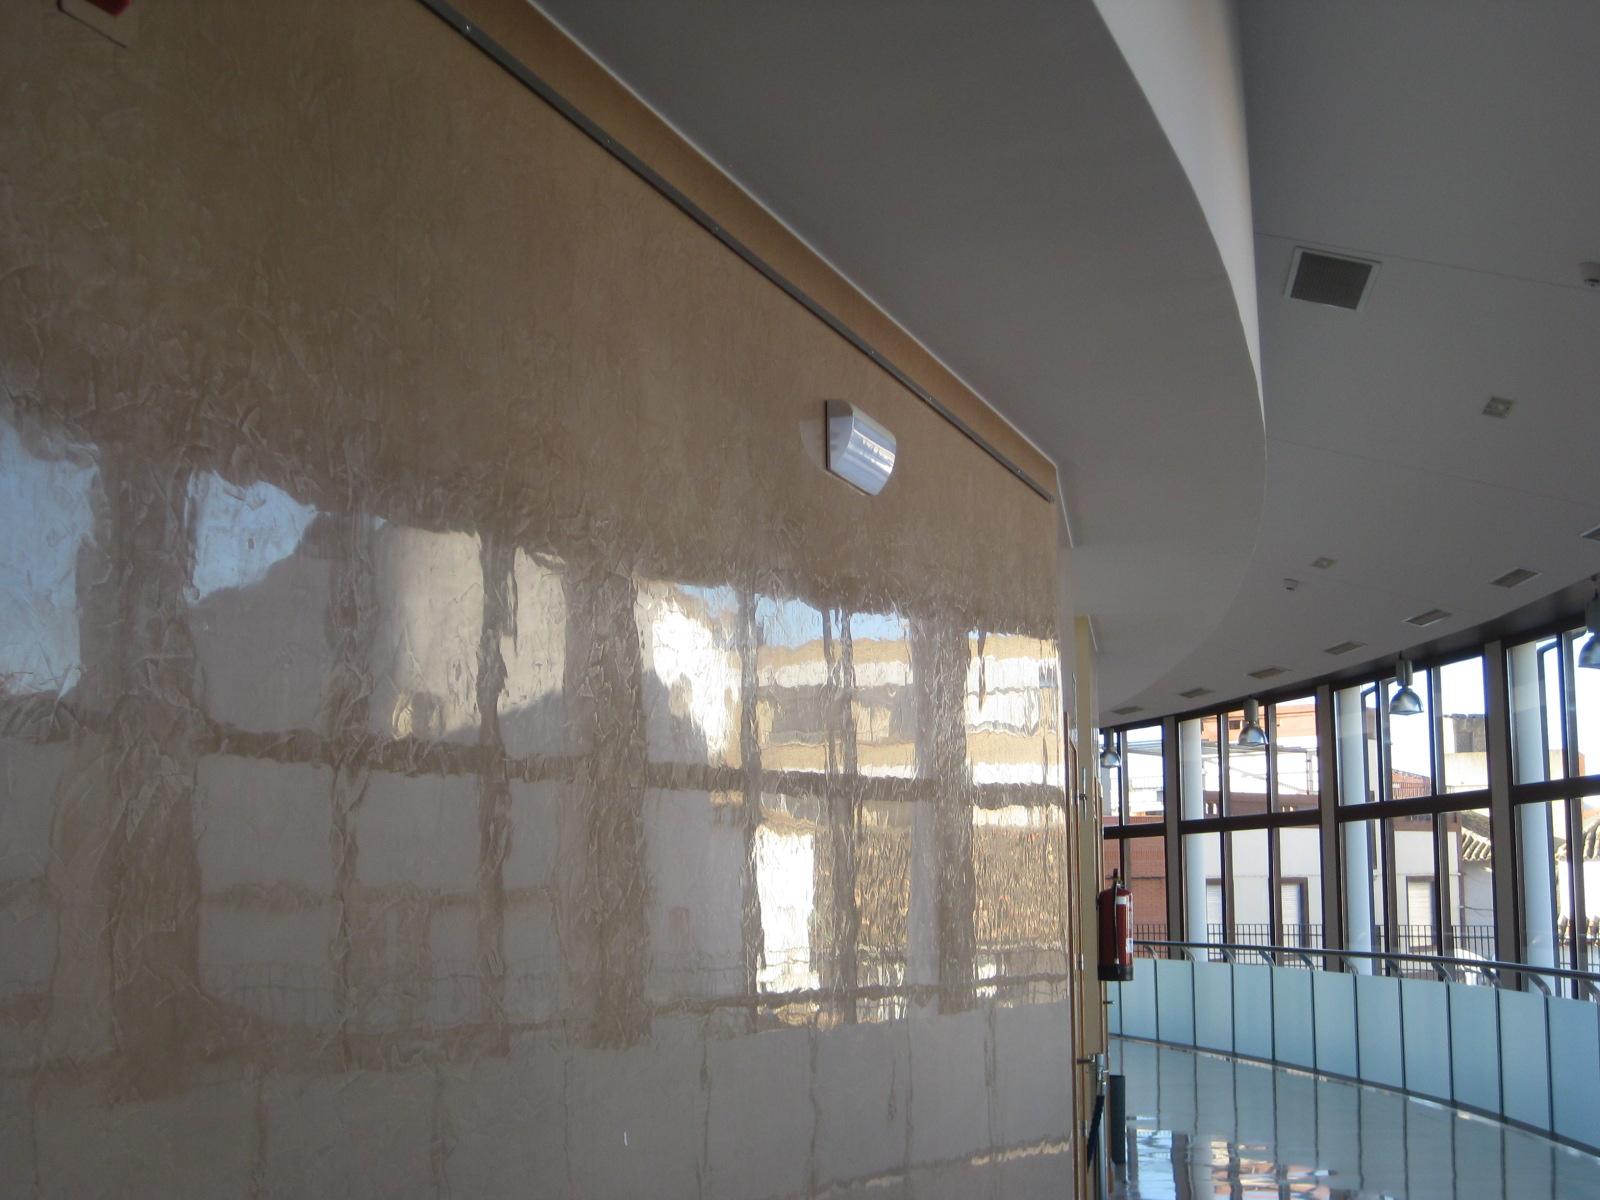 El estuco en la decoracion y pintura empresa de pintores - Decoracion y pintura ...